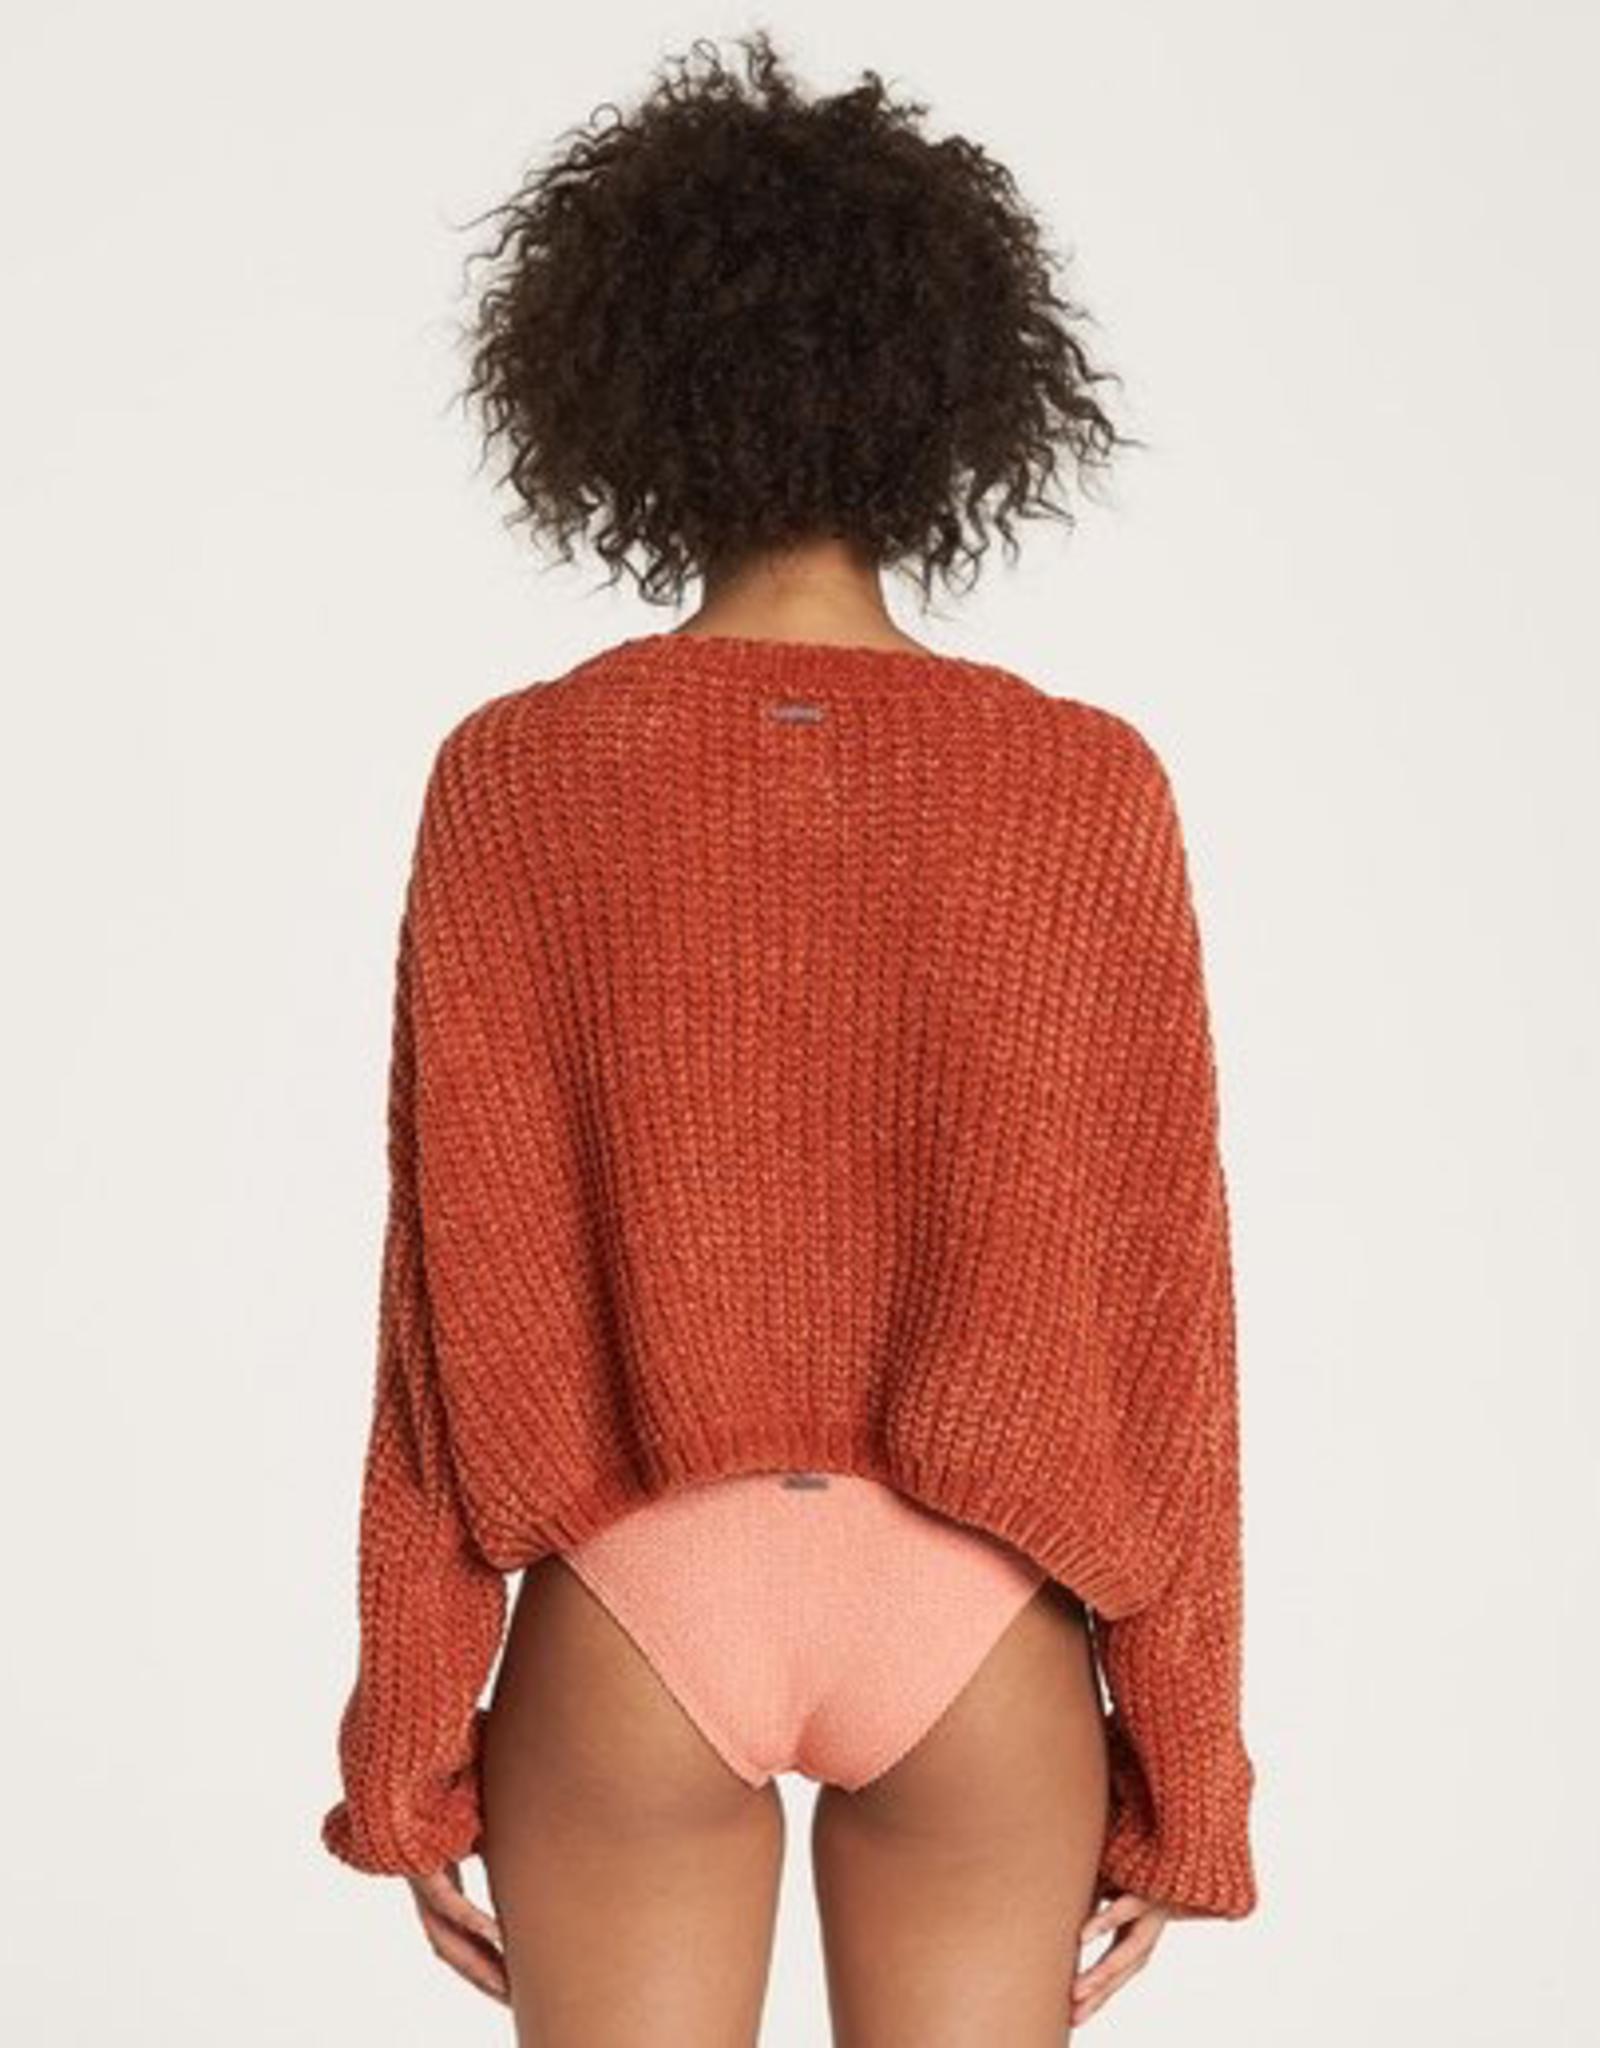 BILLABONG GIRLS Billabong Cosmic Dream Sweater